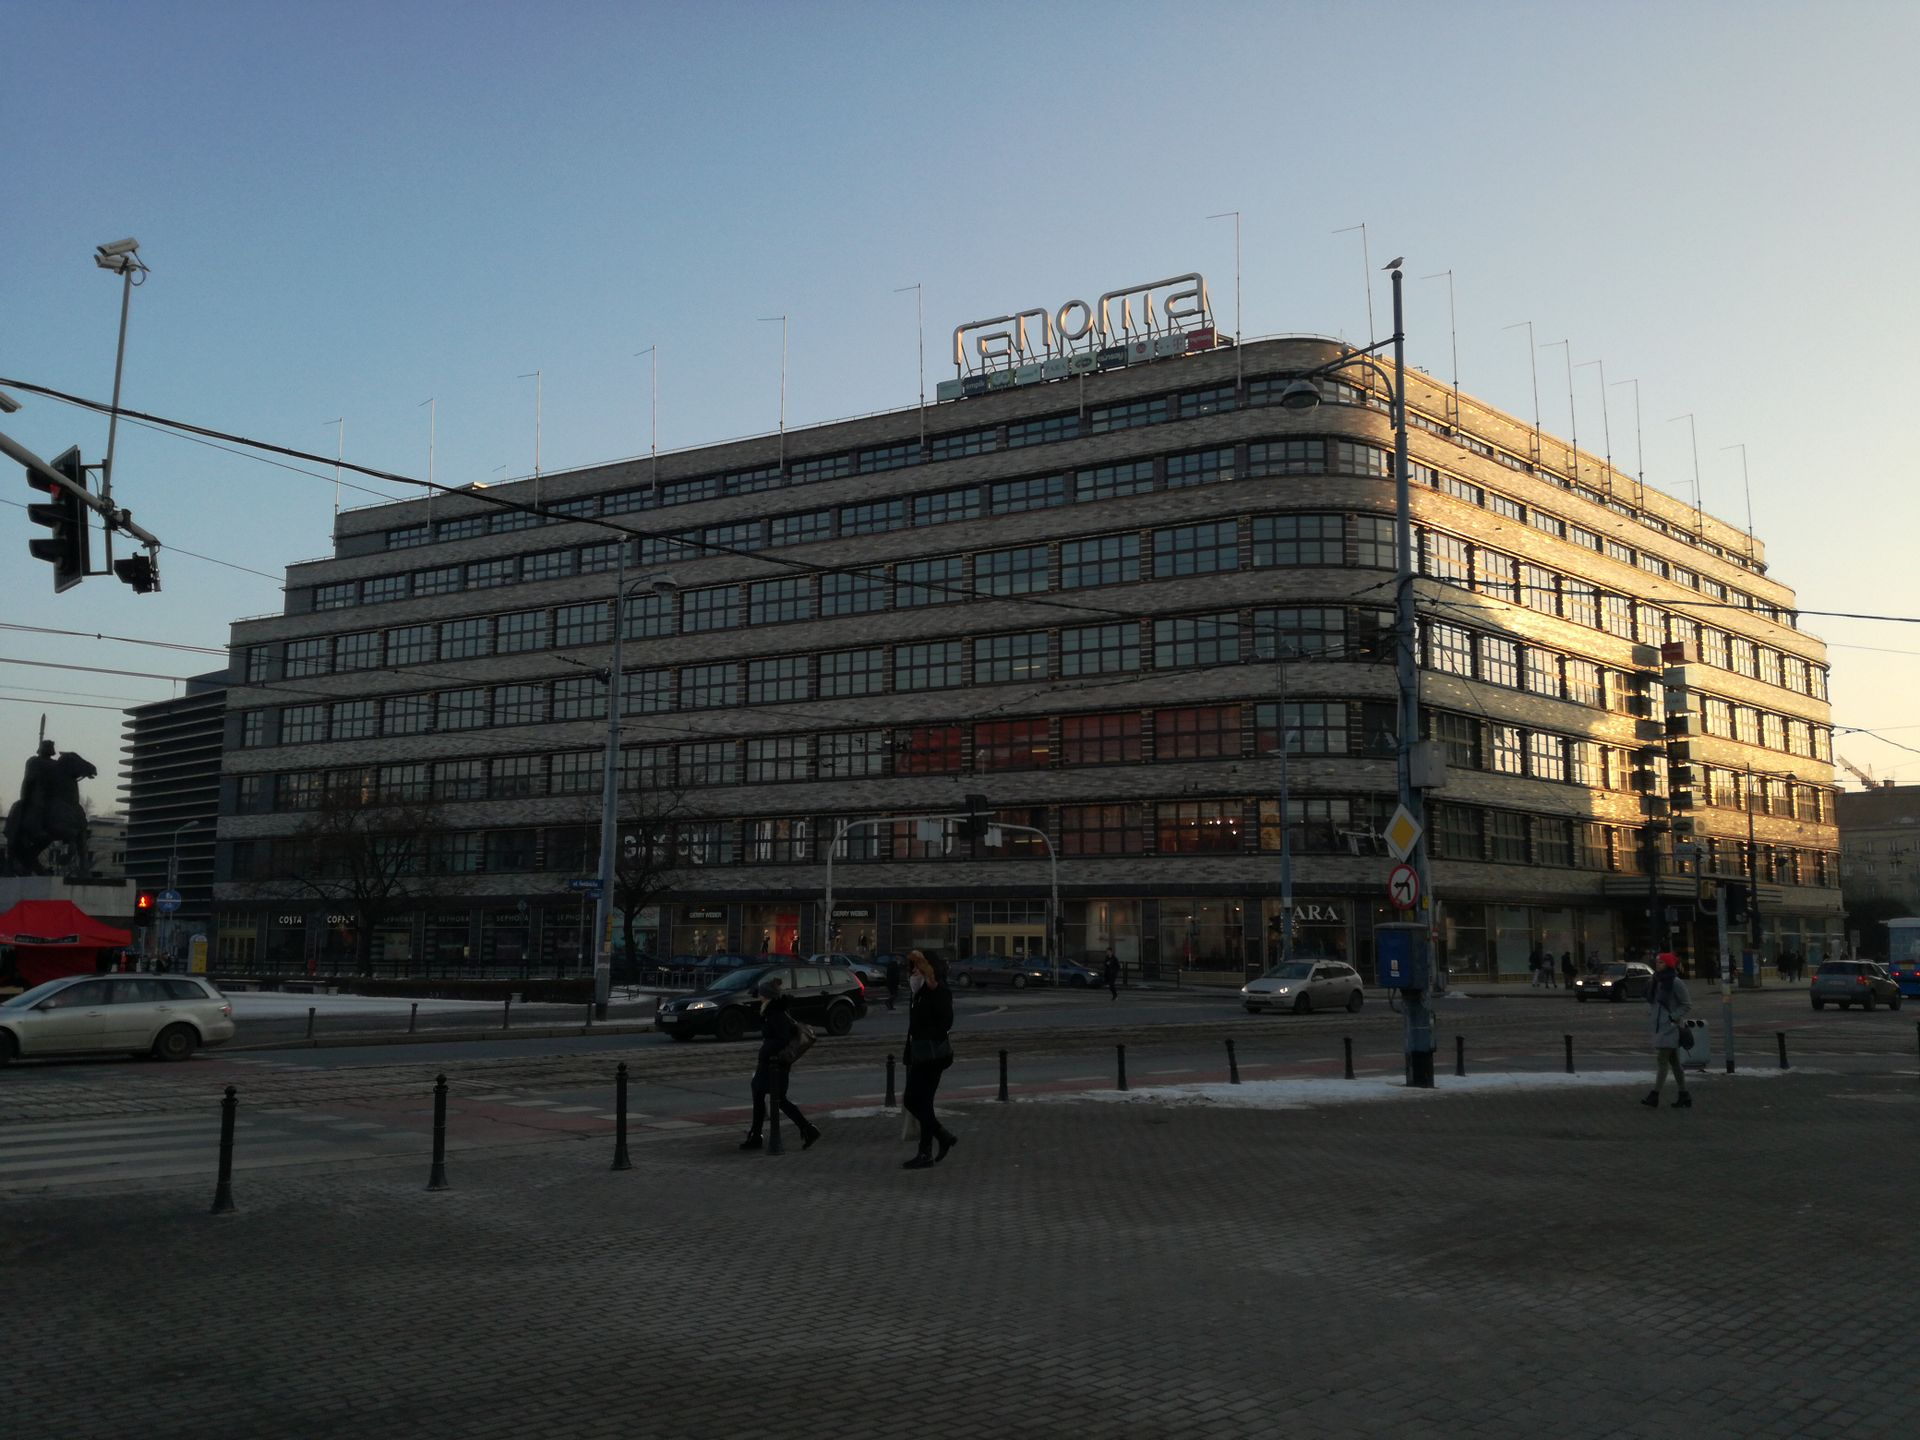 Dom Handlowy Renoma we Wrocławiu przechodzi modernizację. Będzie więcej biur a mniej sklepów